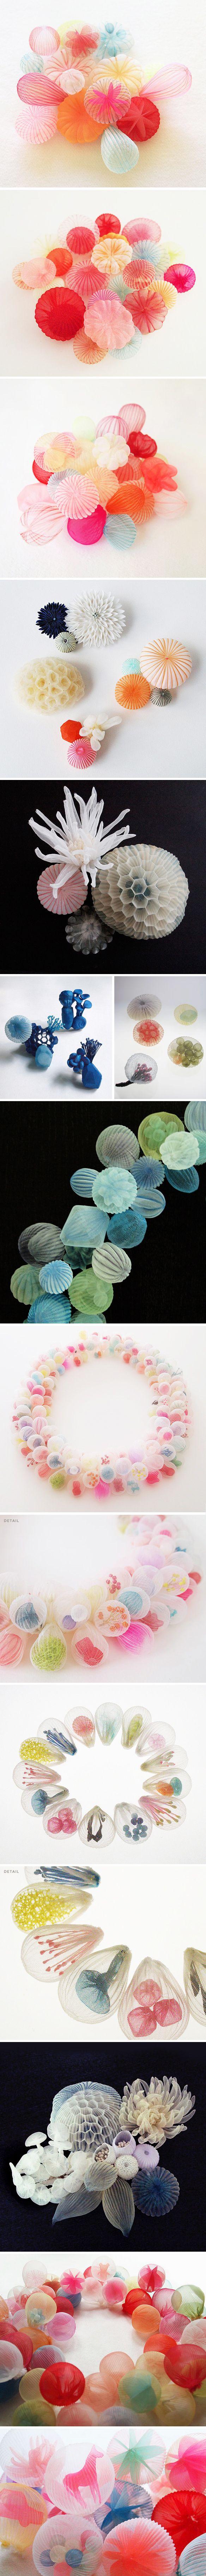 mariko kusumoto ... sculpture / fabric / jewelry ?!?! <3